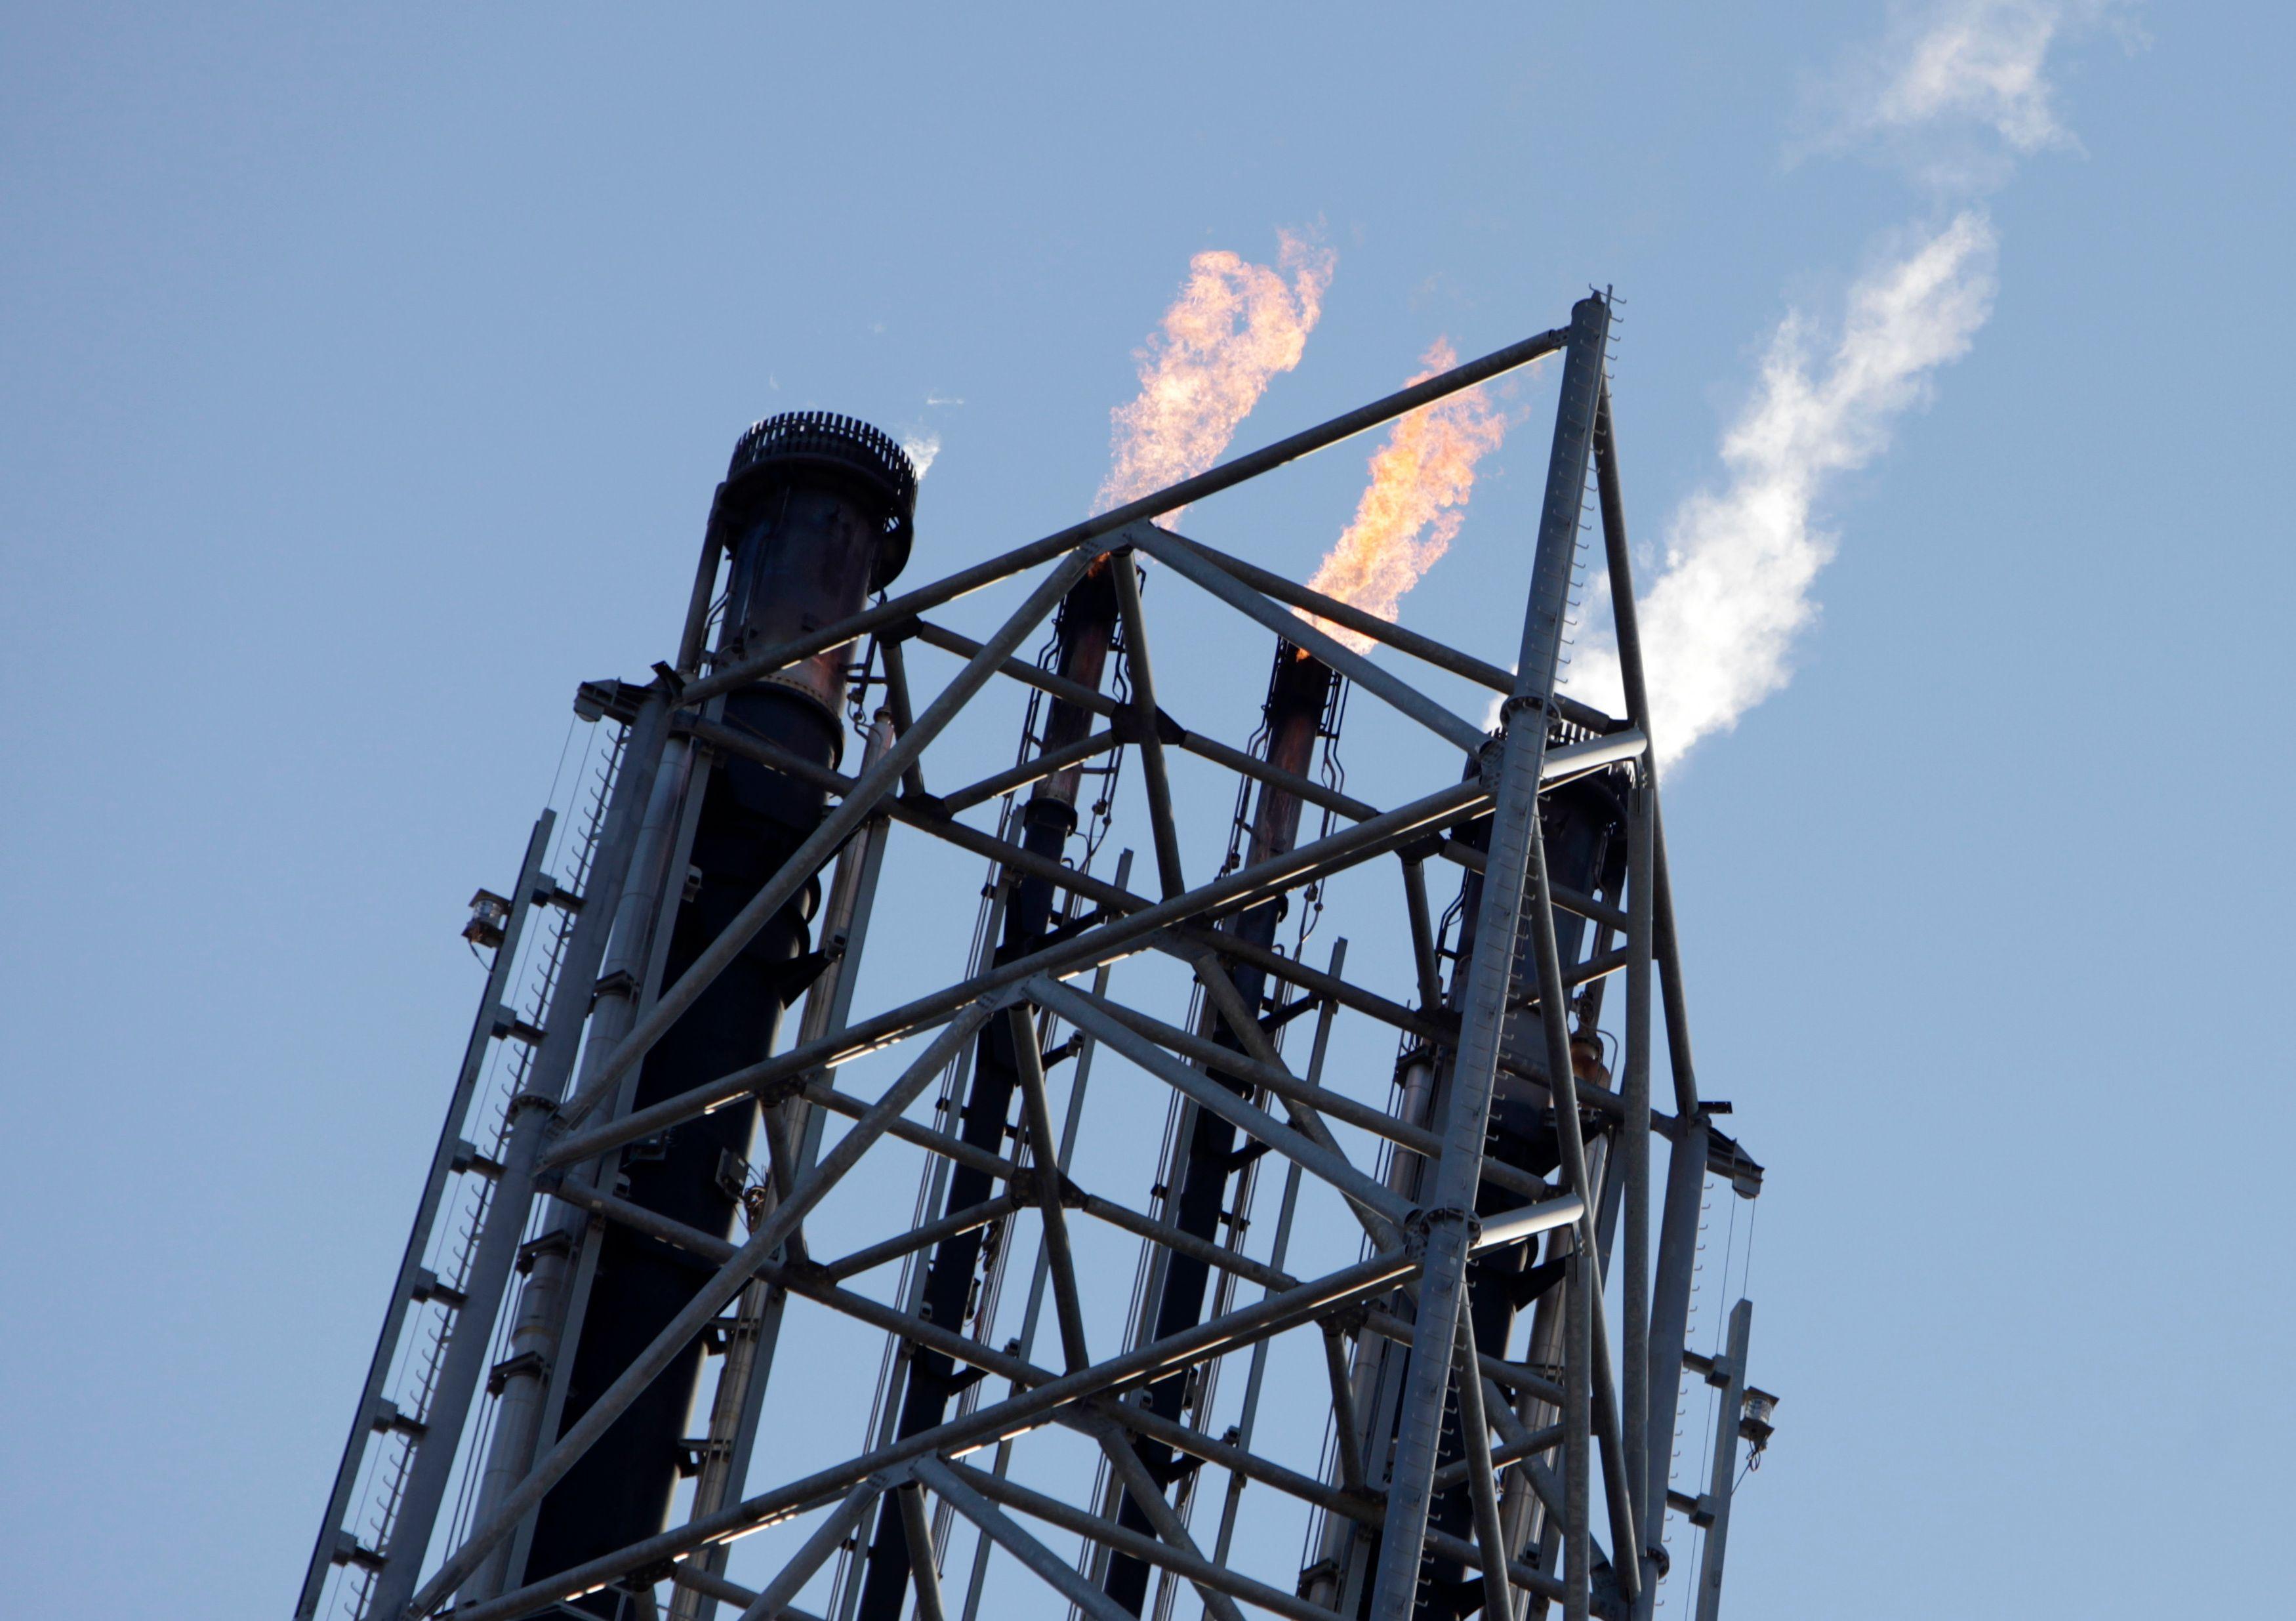 Le rejet même de l'utilisation des hydrocarbures stérilise toute tentative d'évoquer une exploitation propre.